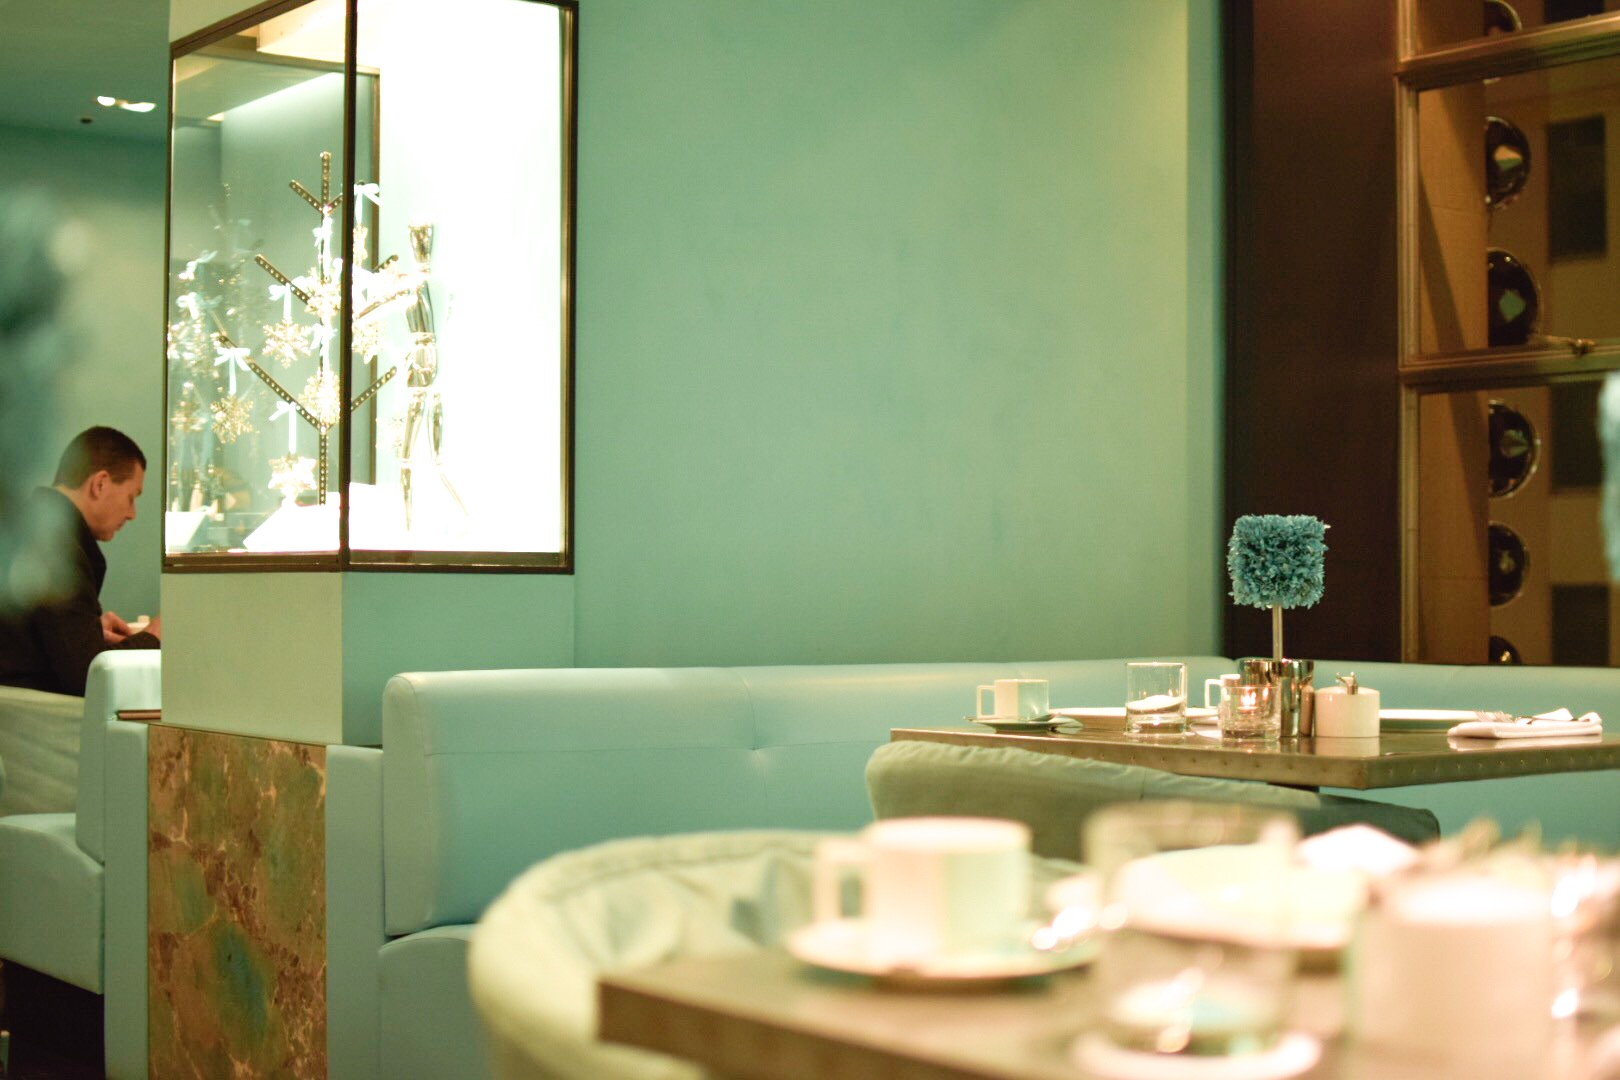 【NY】5番街で「ティファニーで朝食を」実際に食べれる!?The Blue Box Cafe【Tiffany】_2